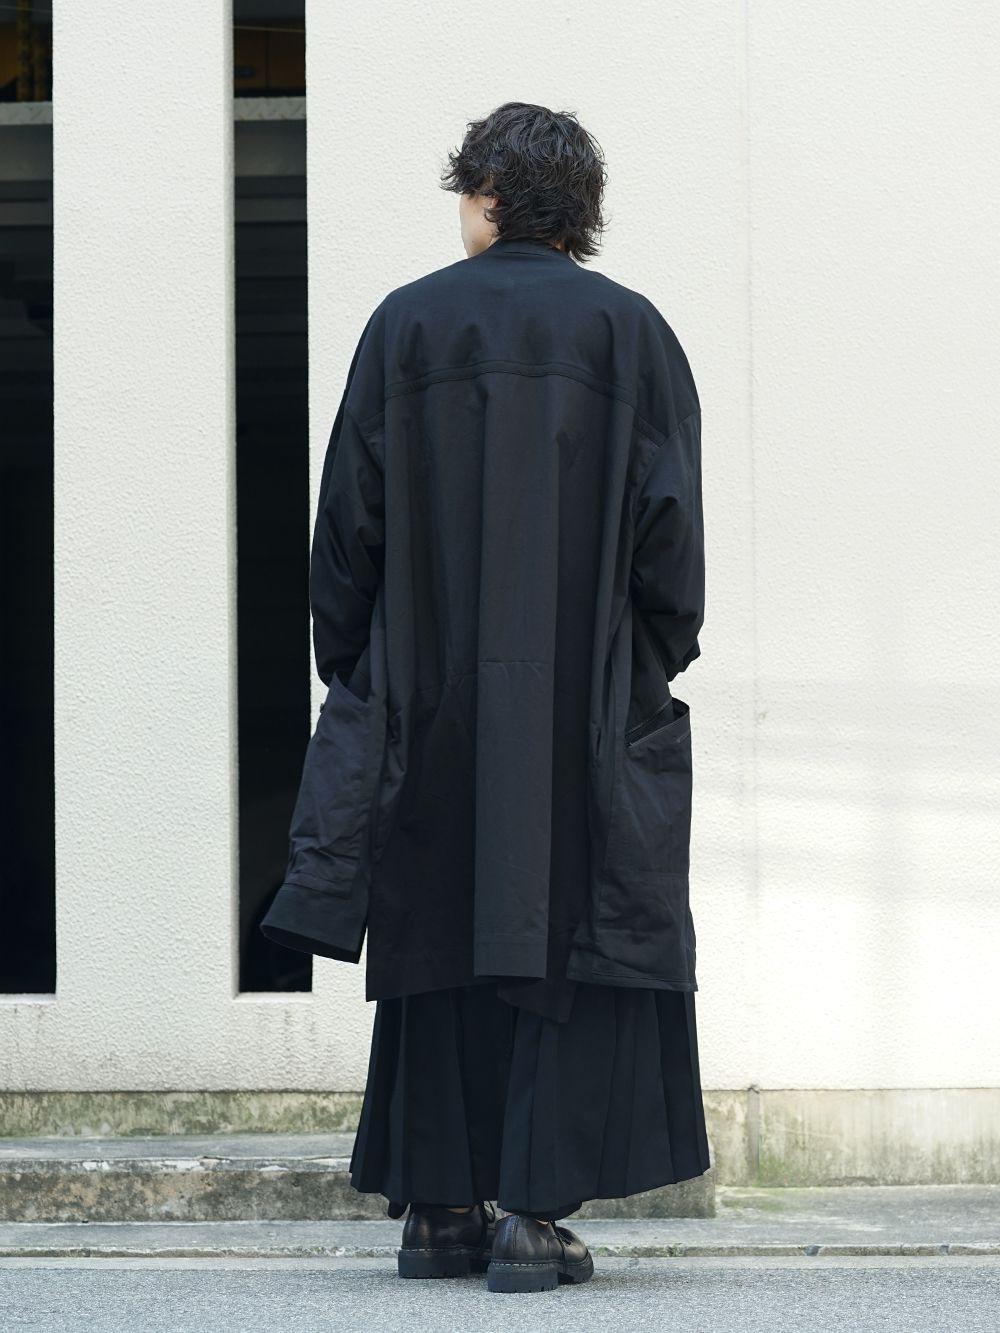 Yohji Yamamoto x B YY All Black Style - 1-003